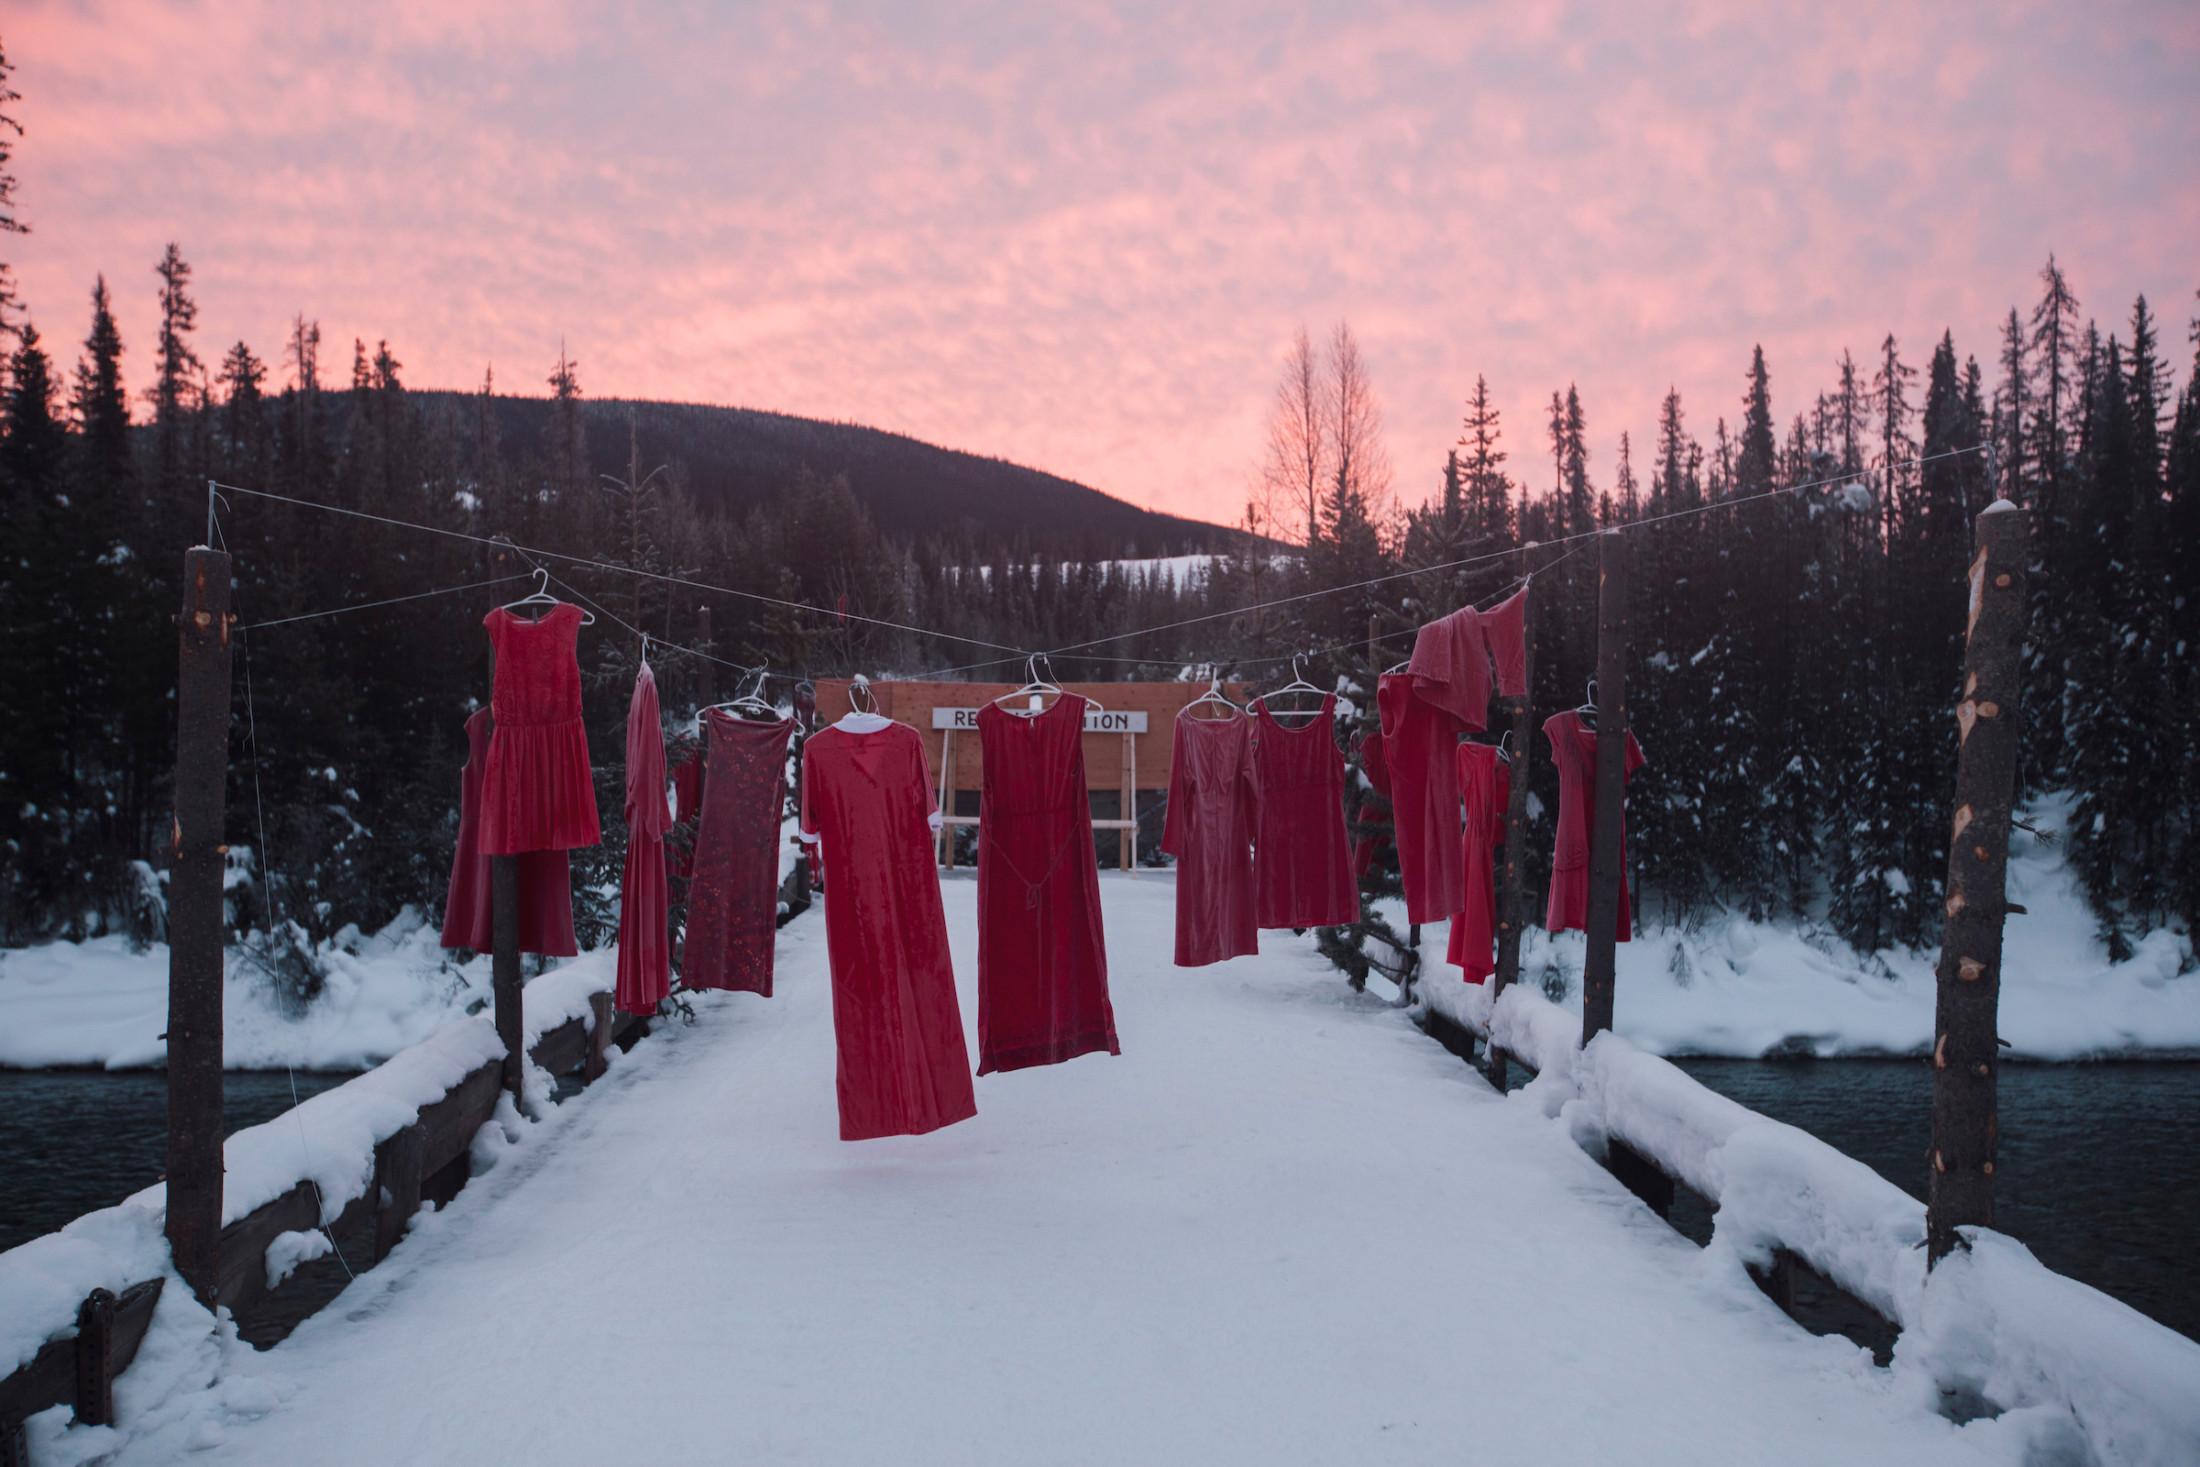 Unist'ot'en camp red dresses MMIWG